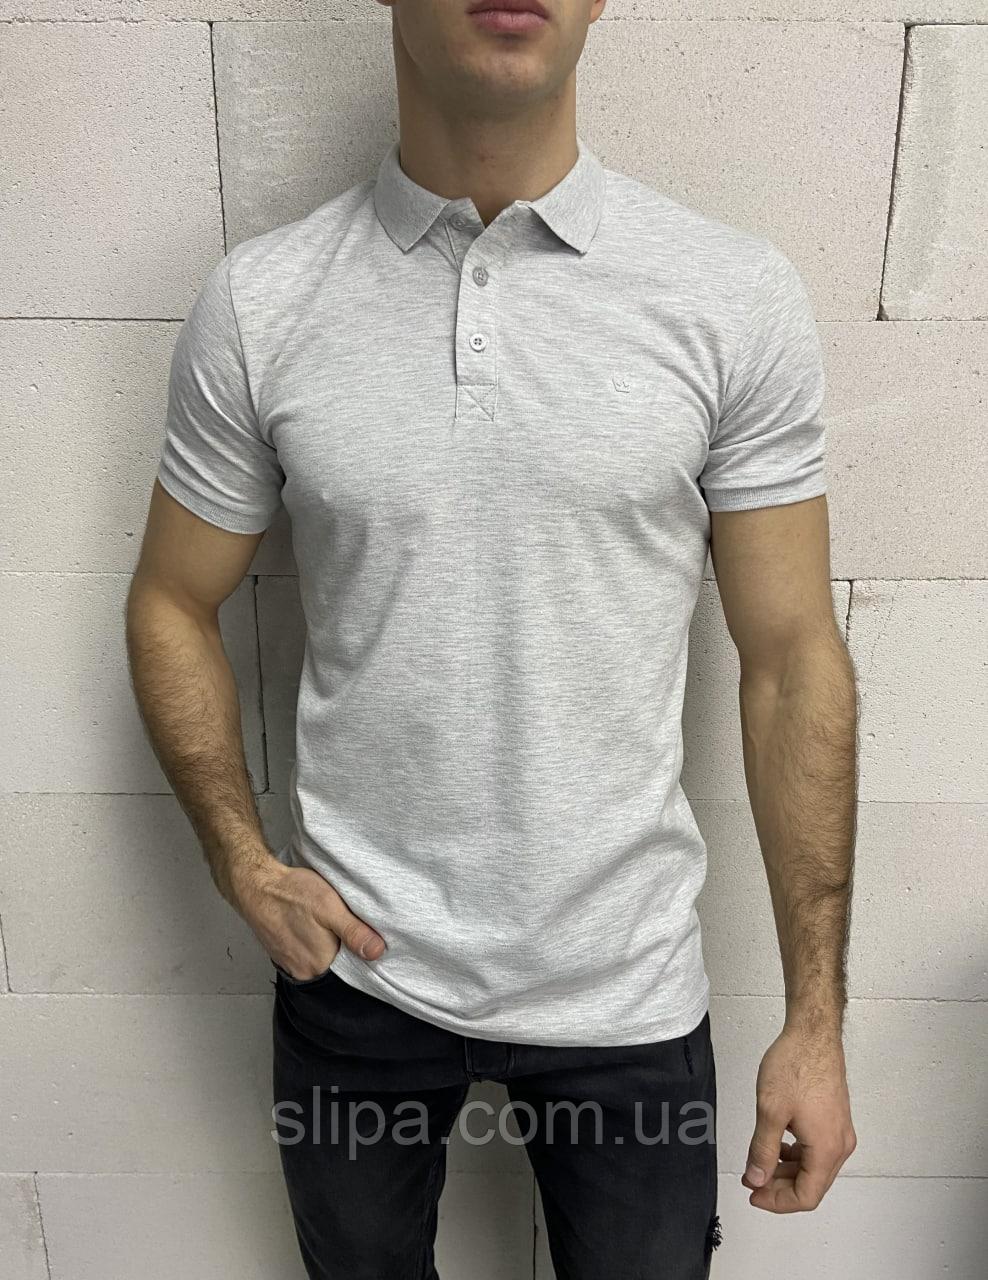 Сіра футболка-поло чоловіча меланж | Туреччина | бавовна + еластан